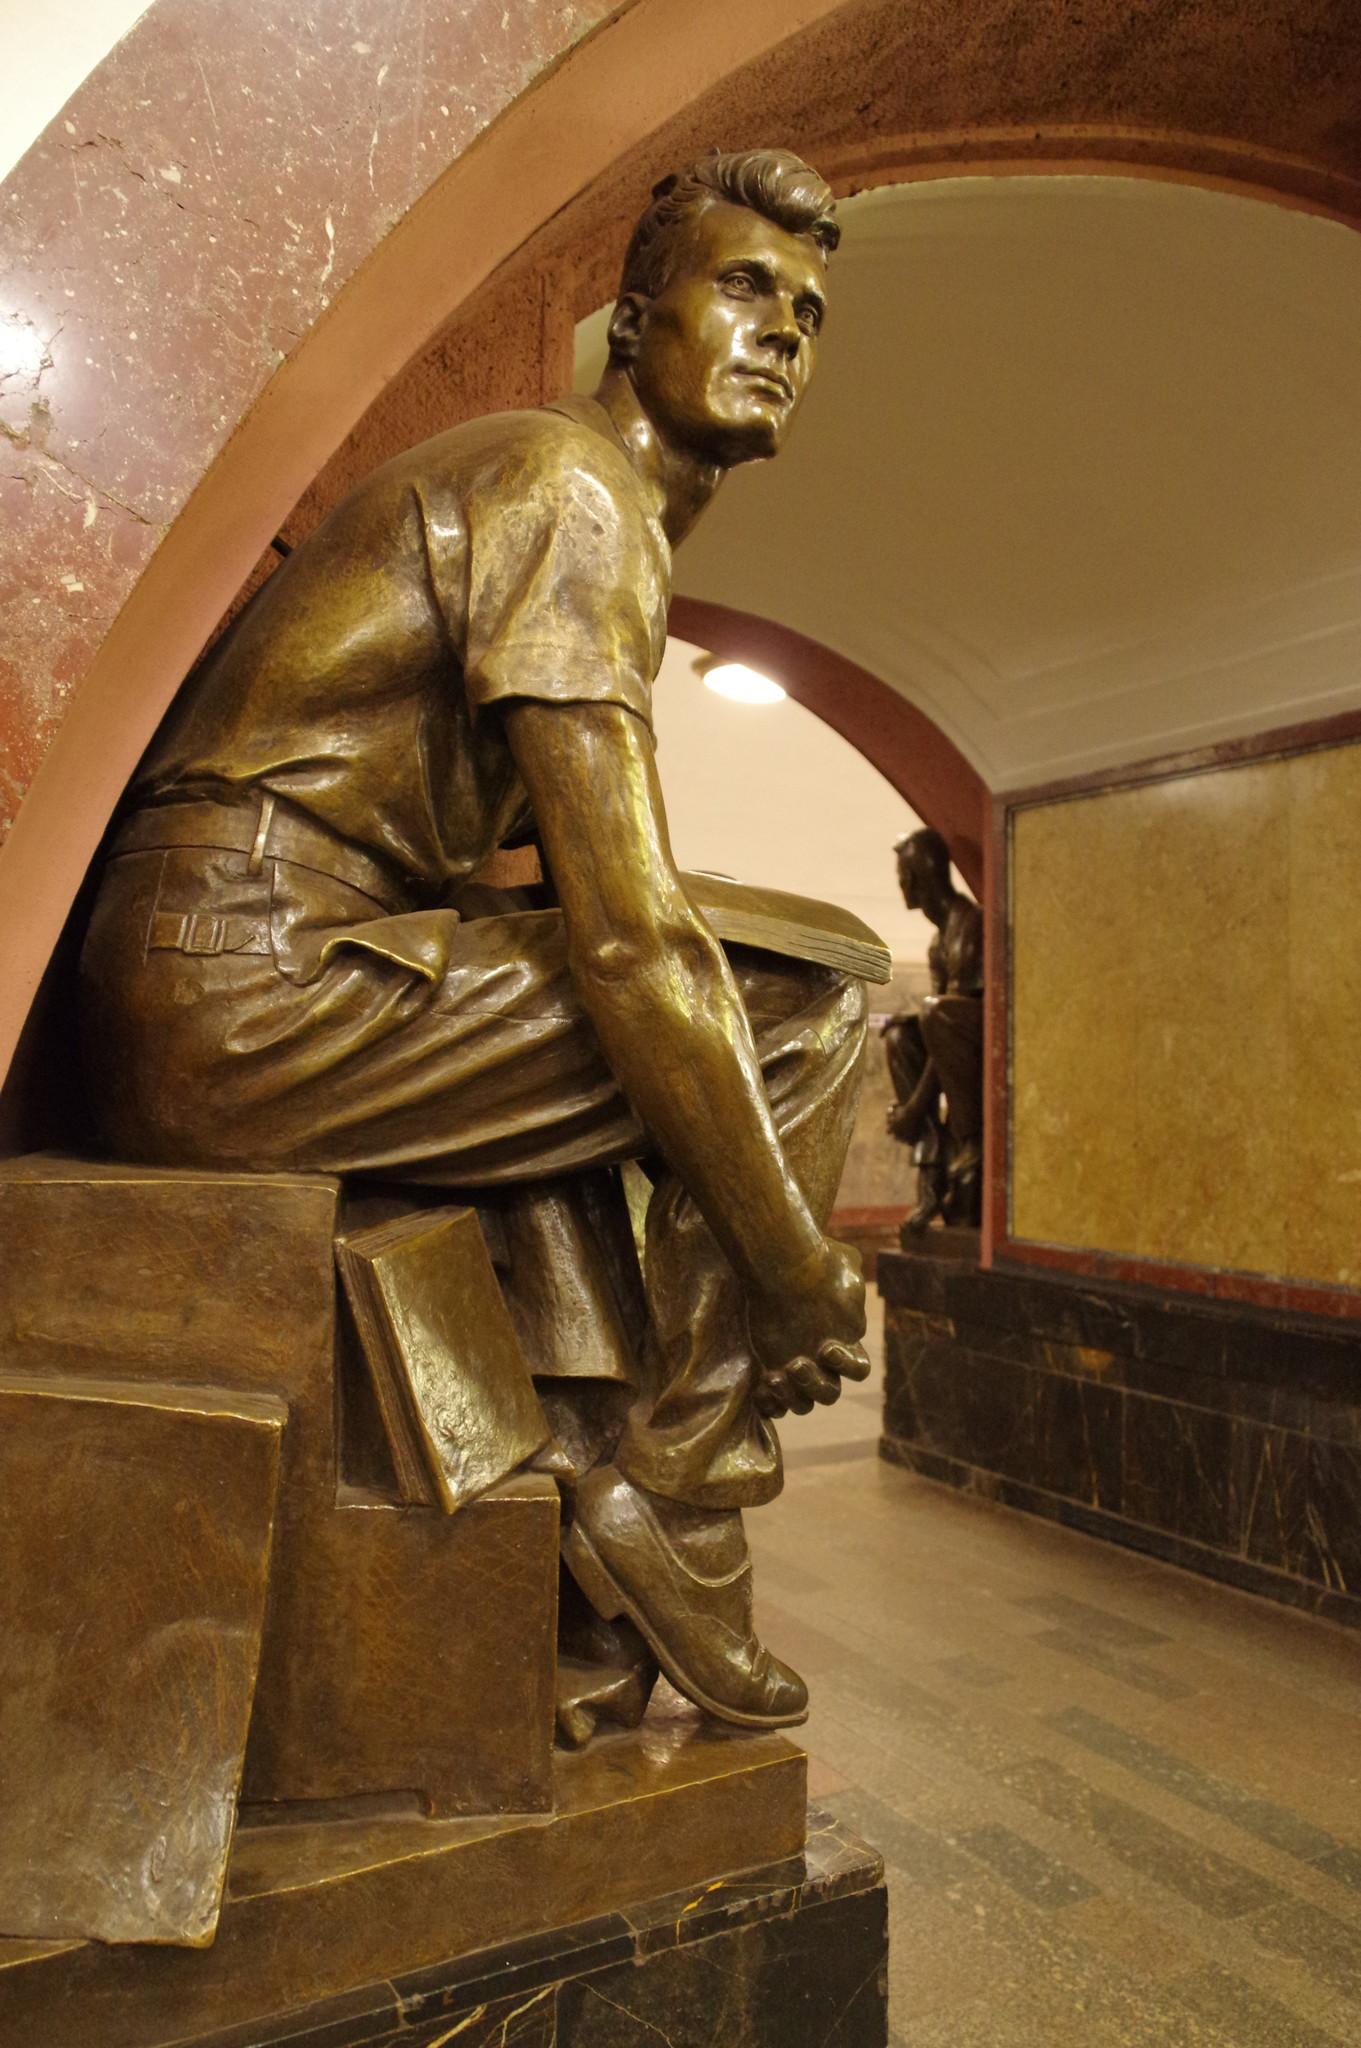 Скульптура «Студент» на станции «Площадь Революции» Московского метрополитена